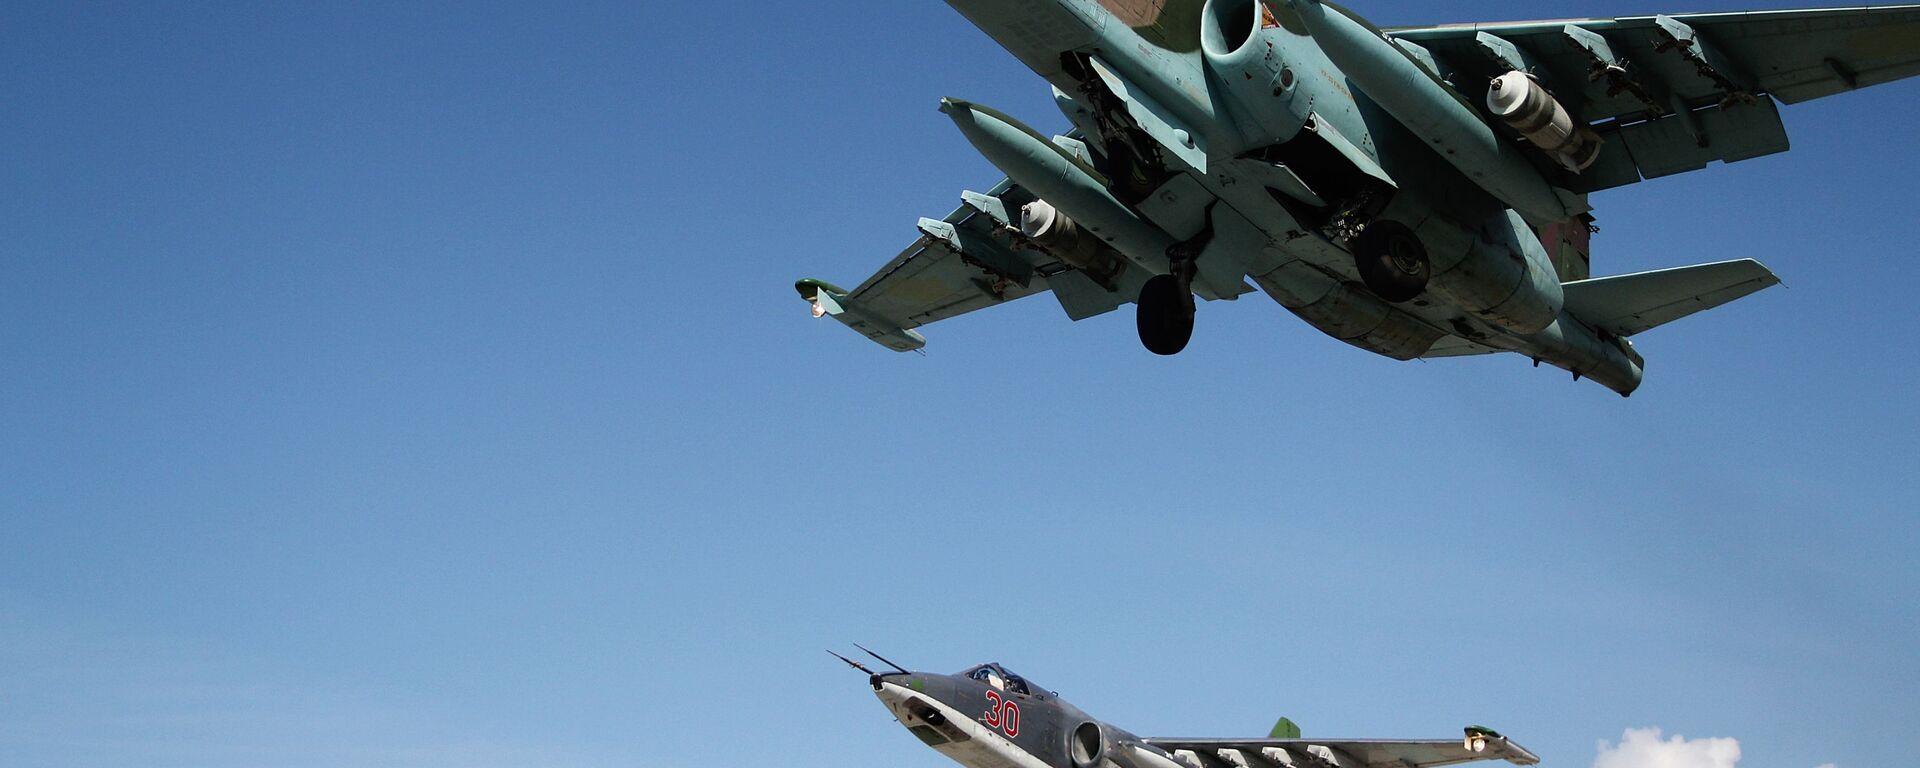 Rosyjskie samoloty szturmowe Su-25 startują z bazy lotniczej Hmeimim w Syrii - Sputnik Polska, 1920, 28.07.2021